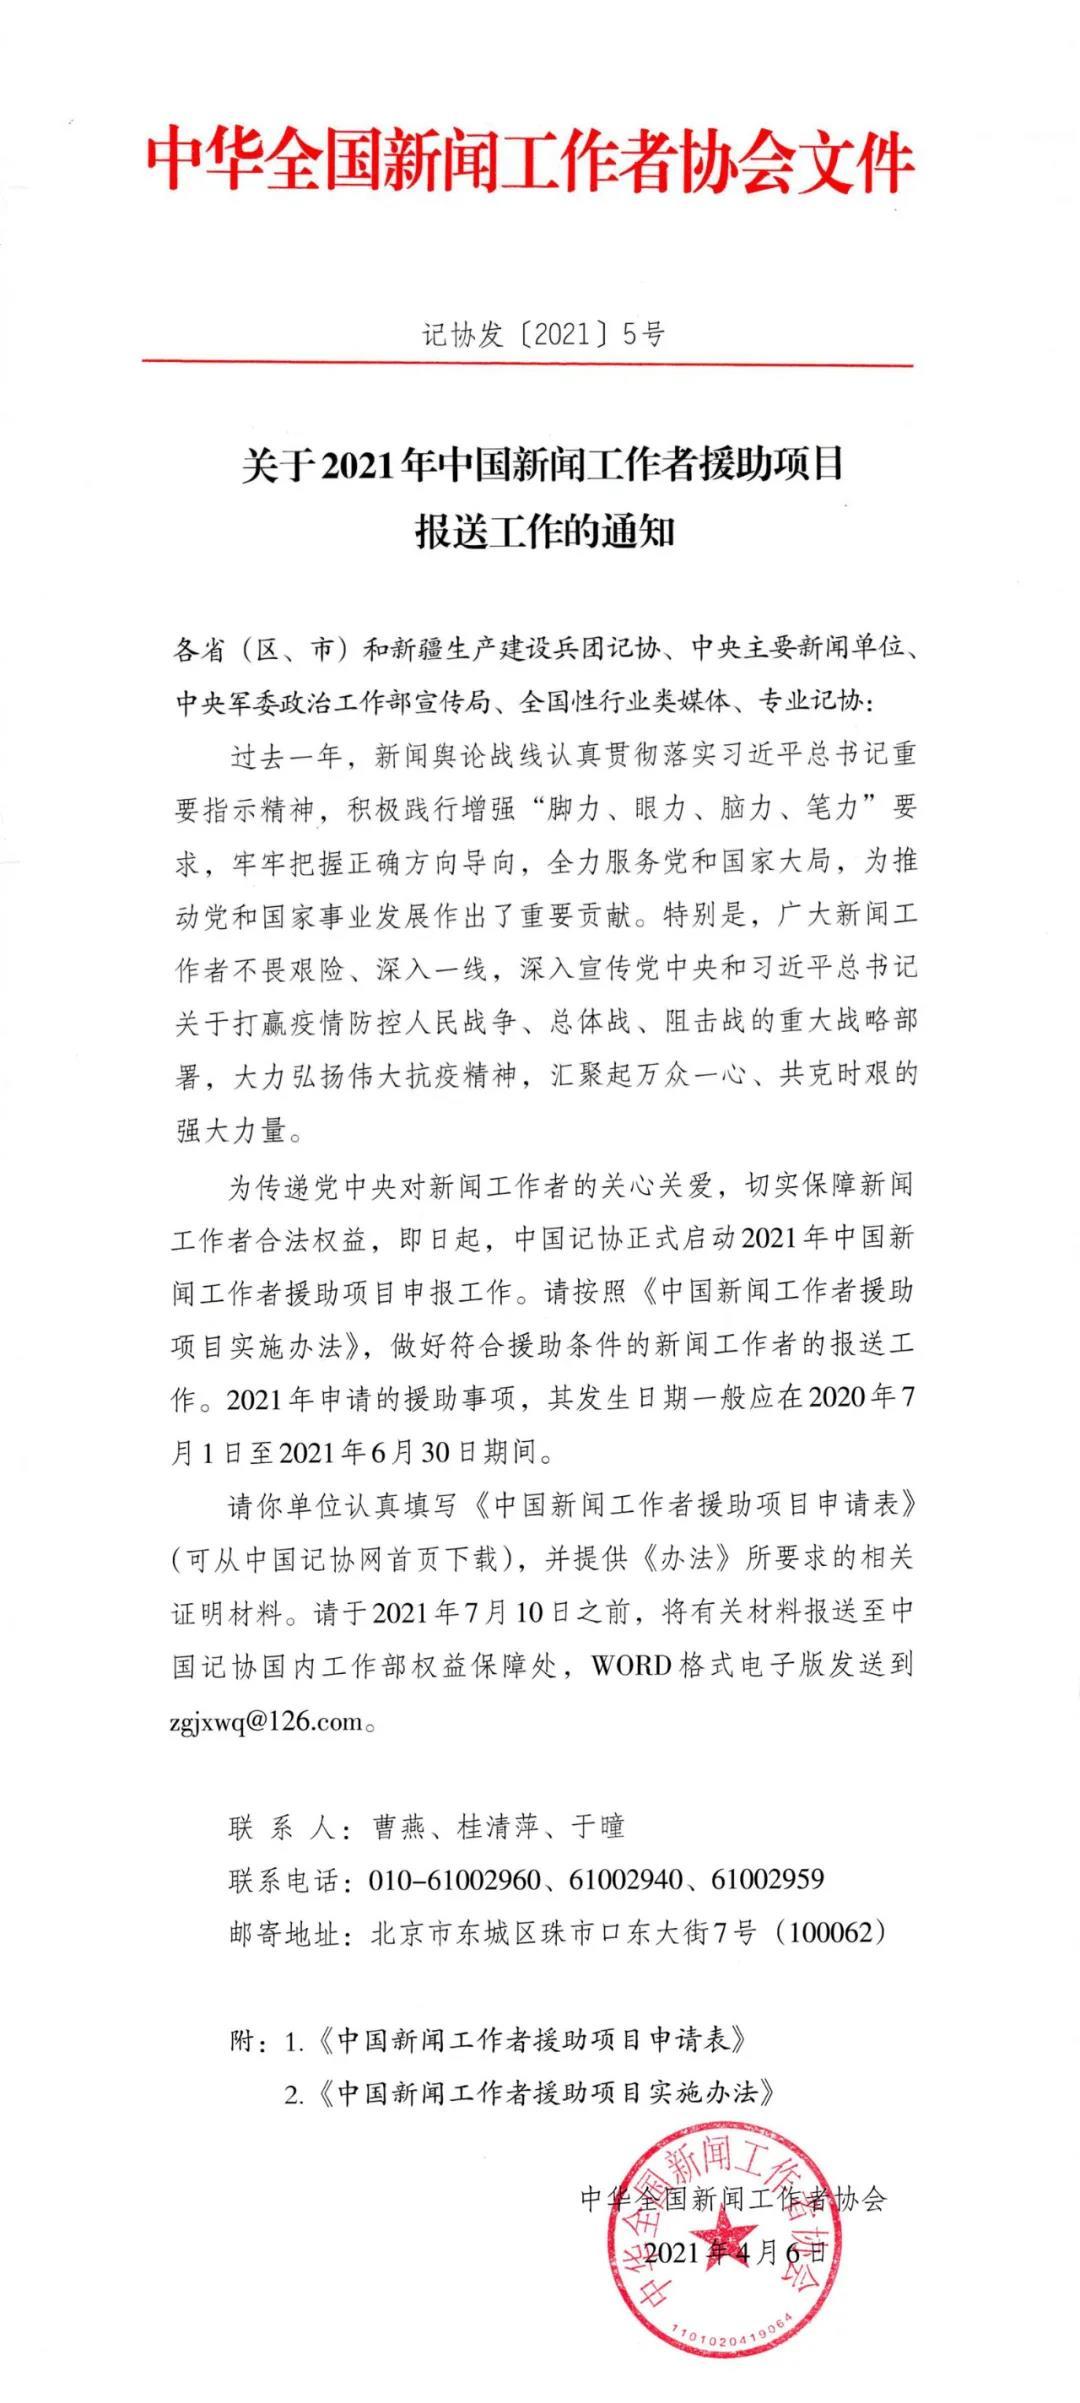 2021年中国新闻工作者援助项目正式启动